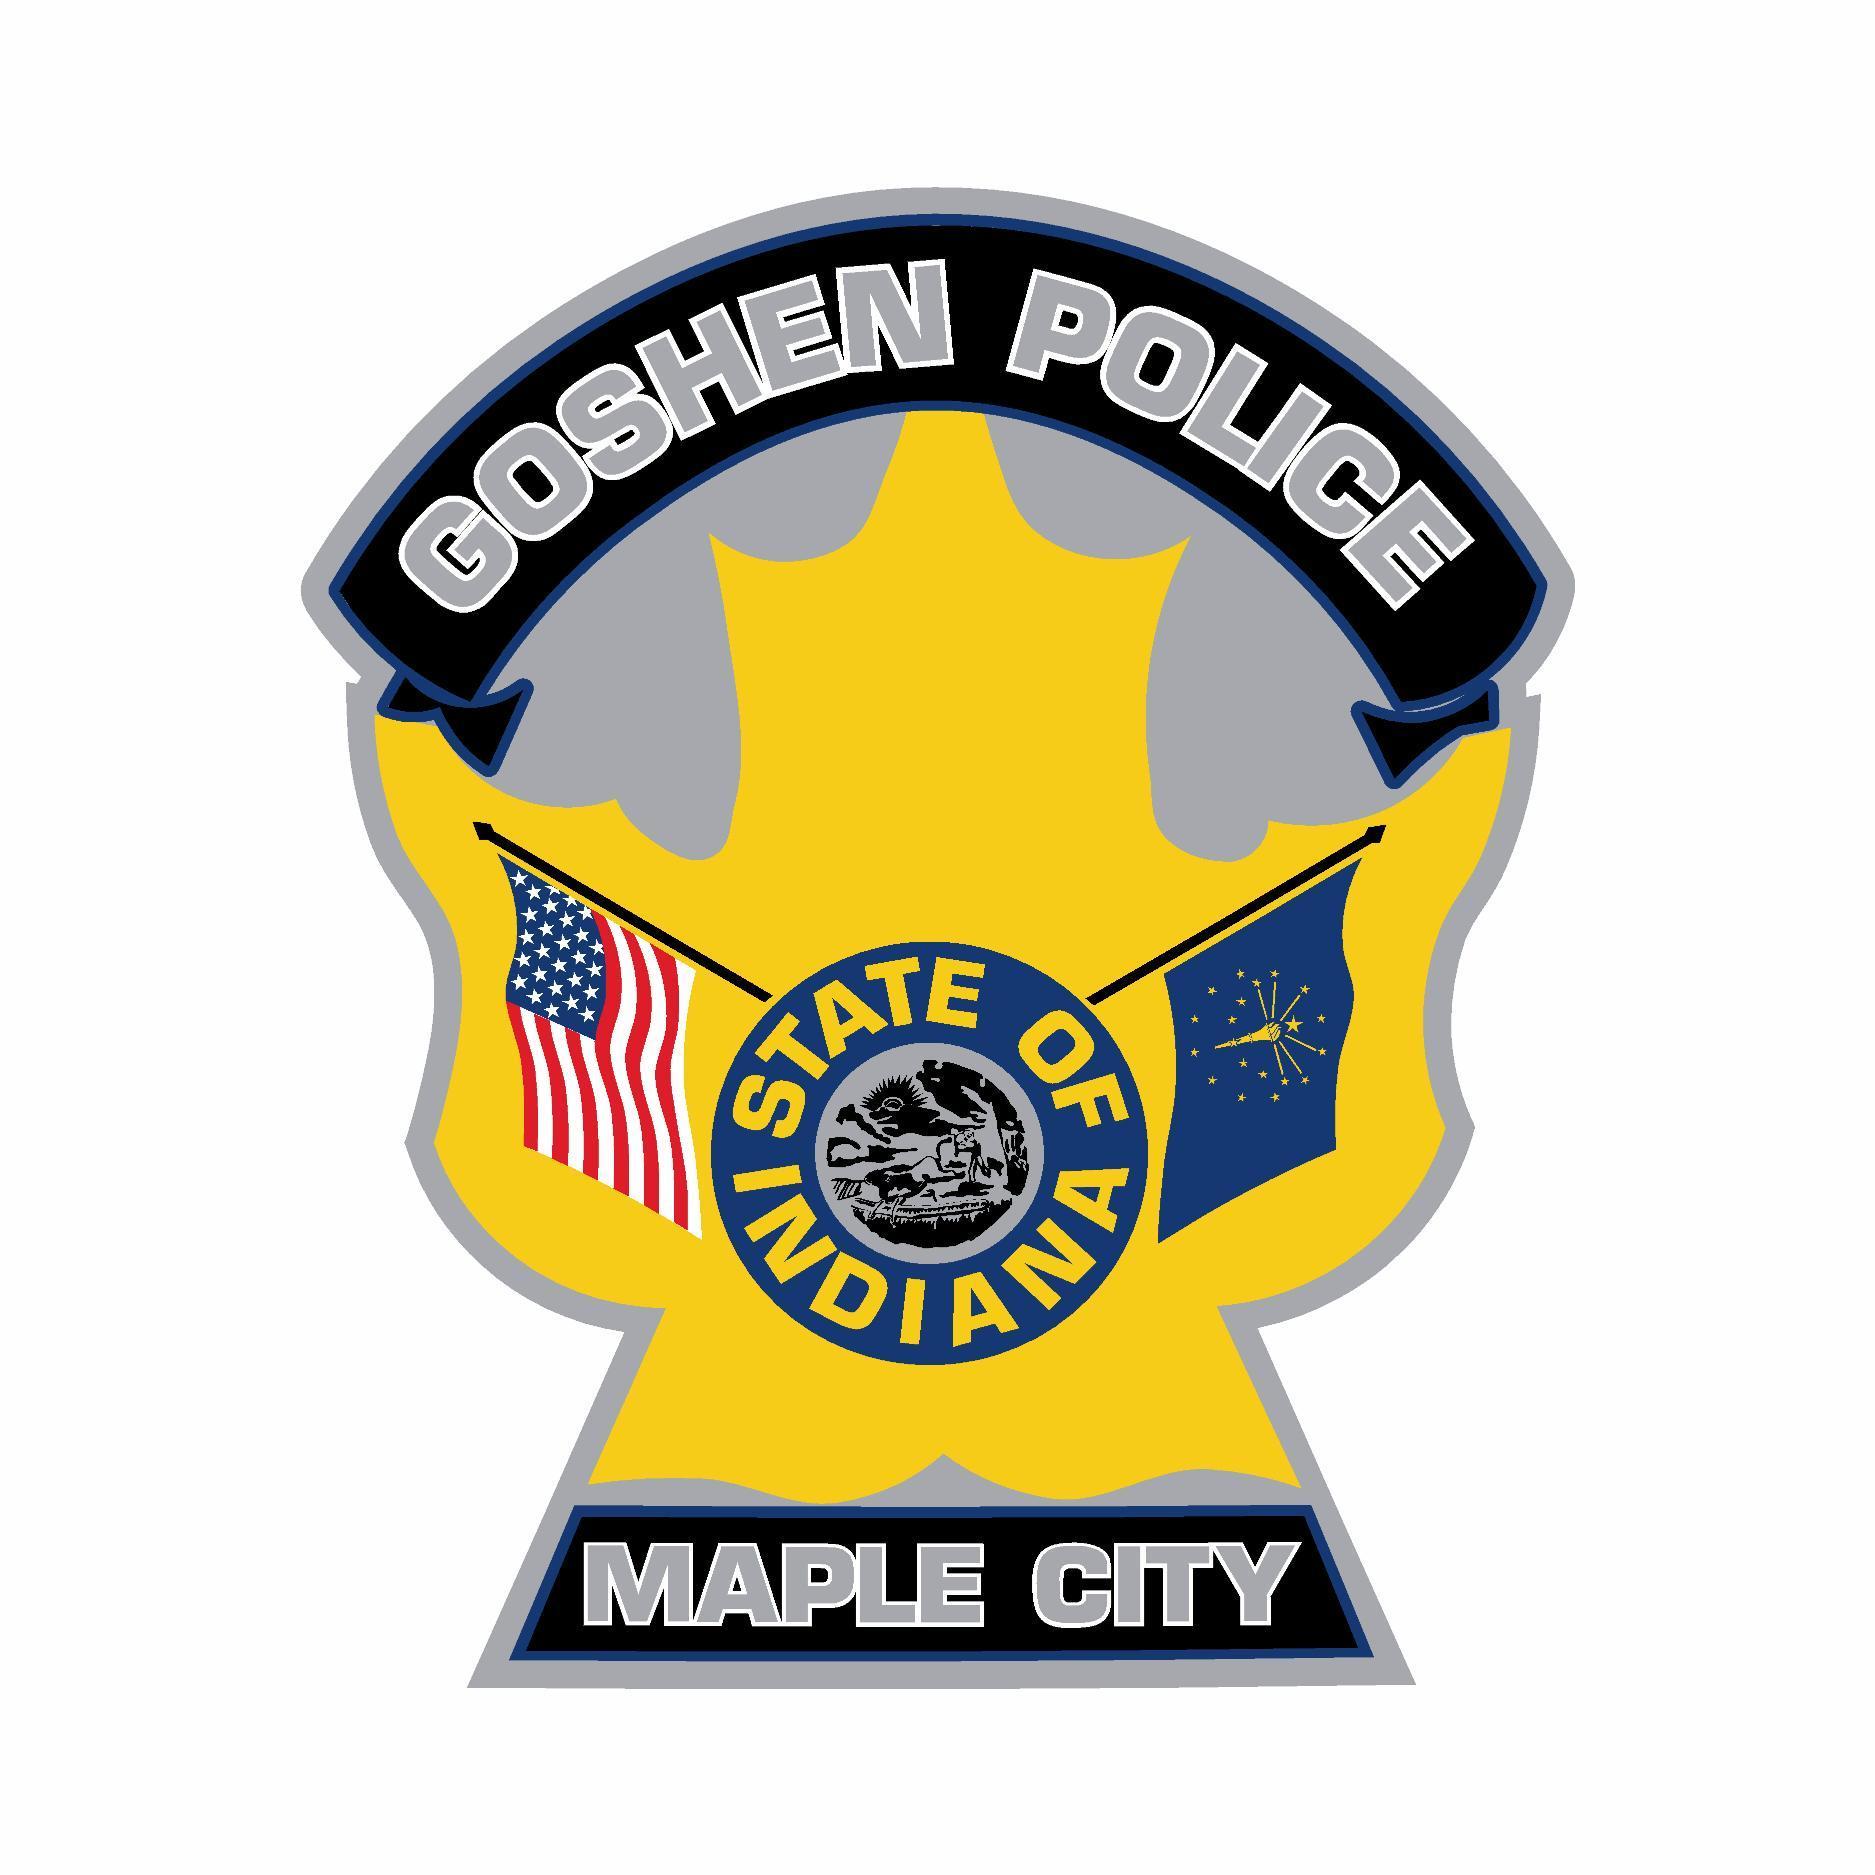 Goshen Police Dept (@GoshenPD) | Twitter